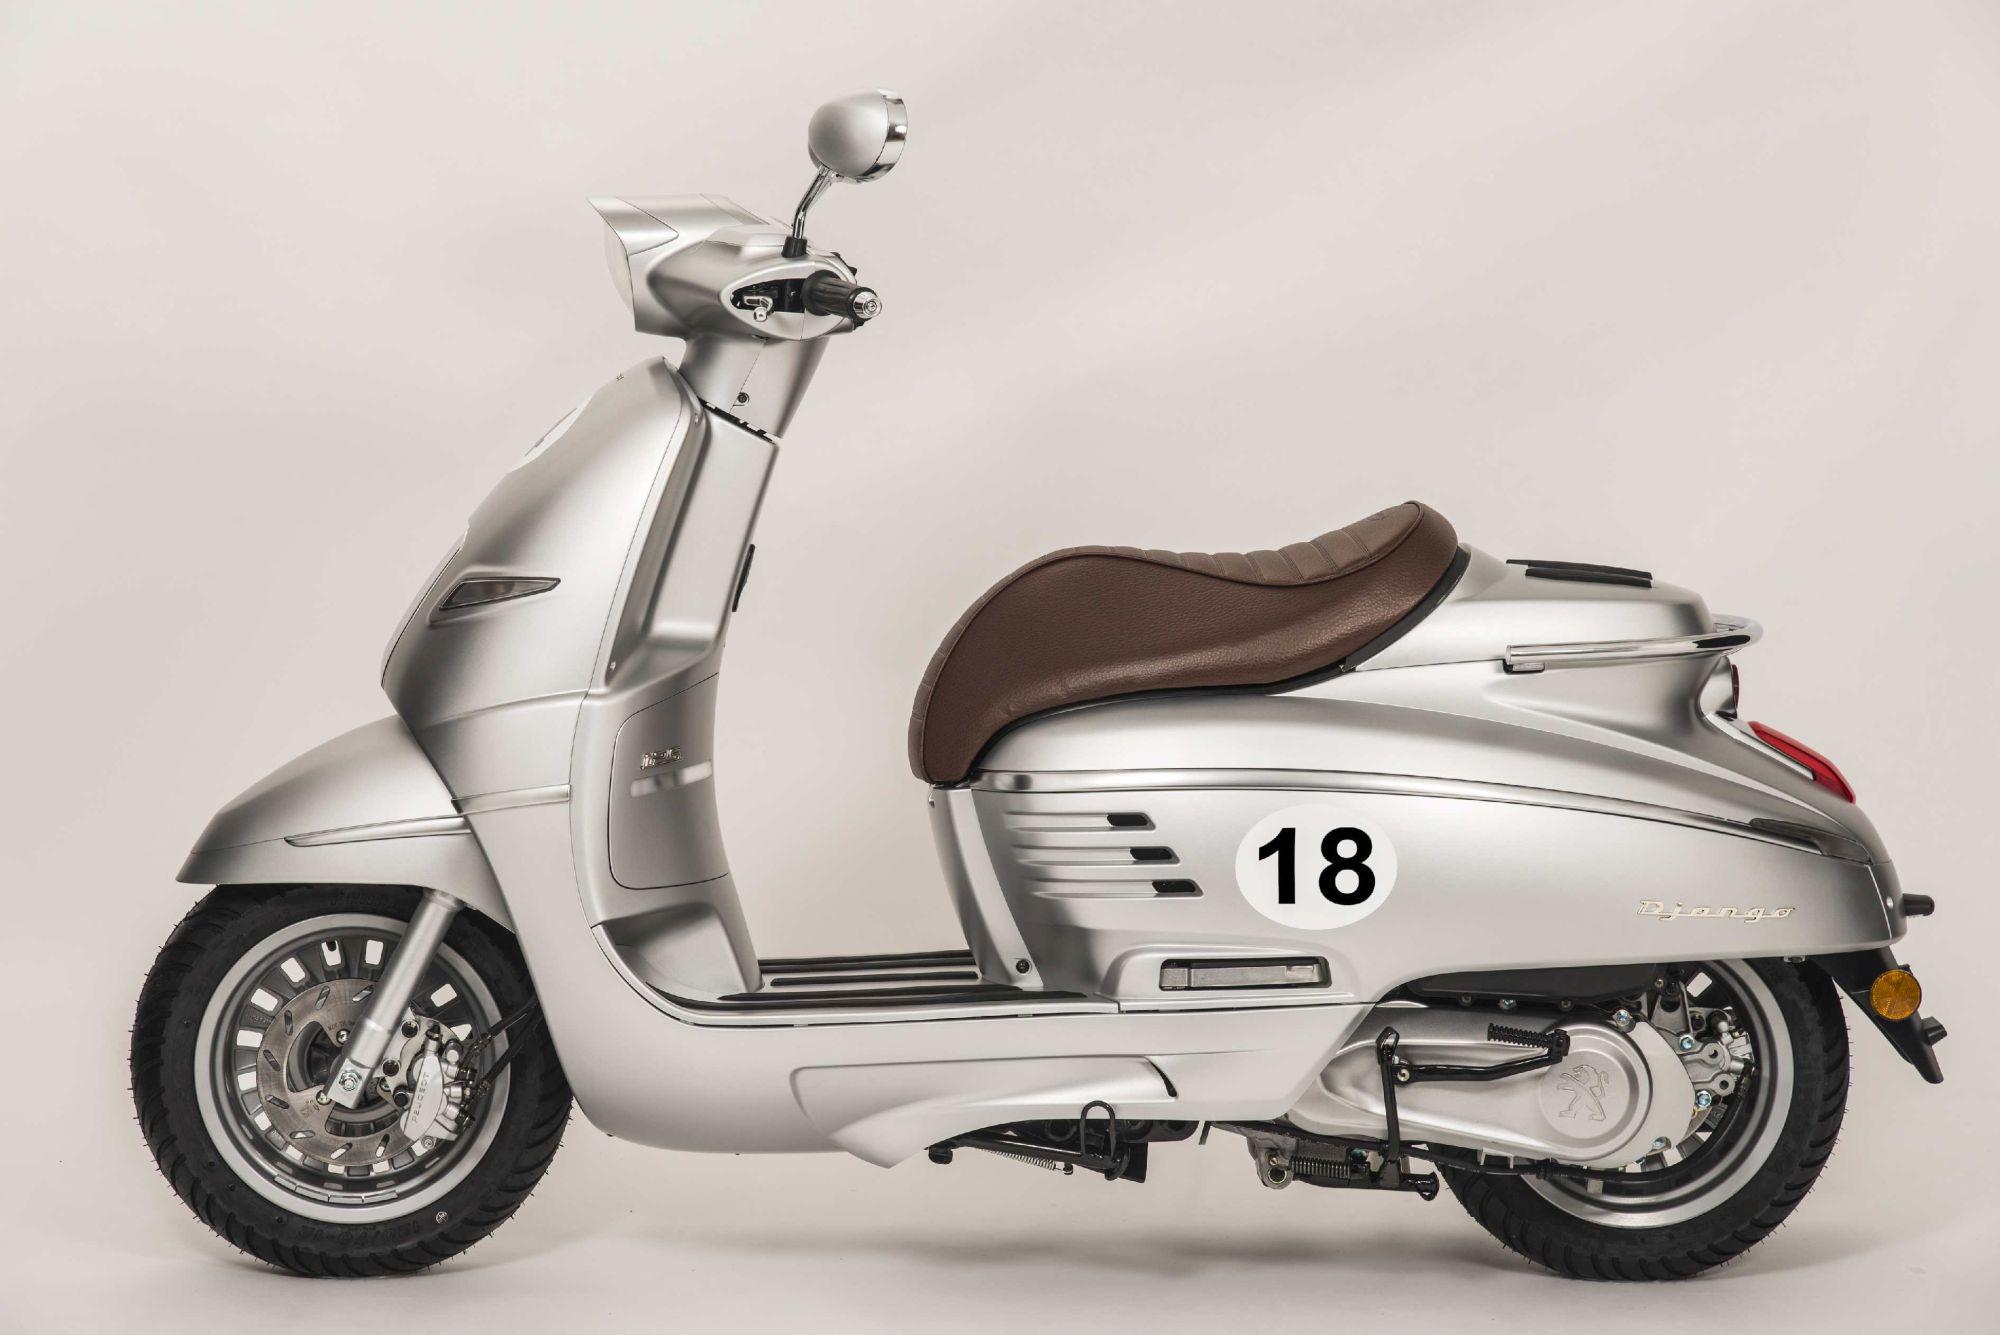 gebrauchte und neue peugeot django 150 sport motorräder kaufen